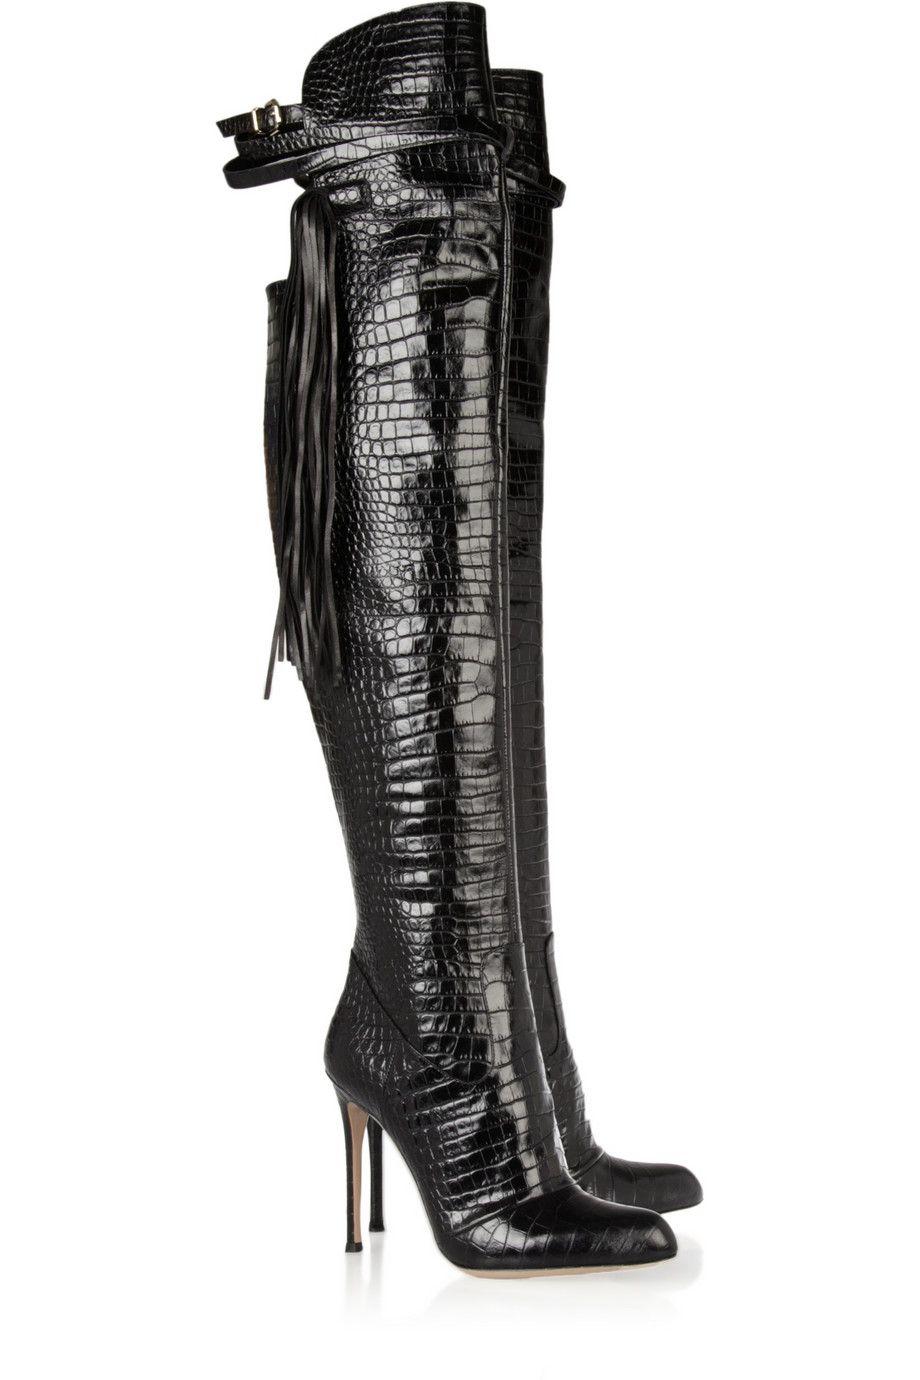 031de17a8f9 Altuzarra   Tasseled croc-effect leather over-the-knee boots   Sky ...